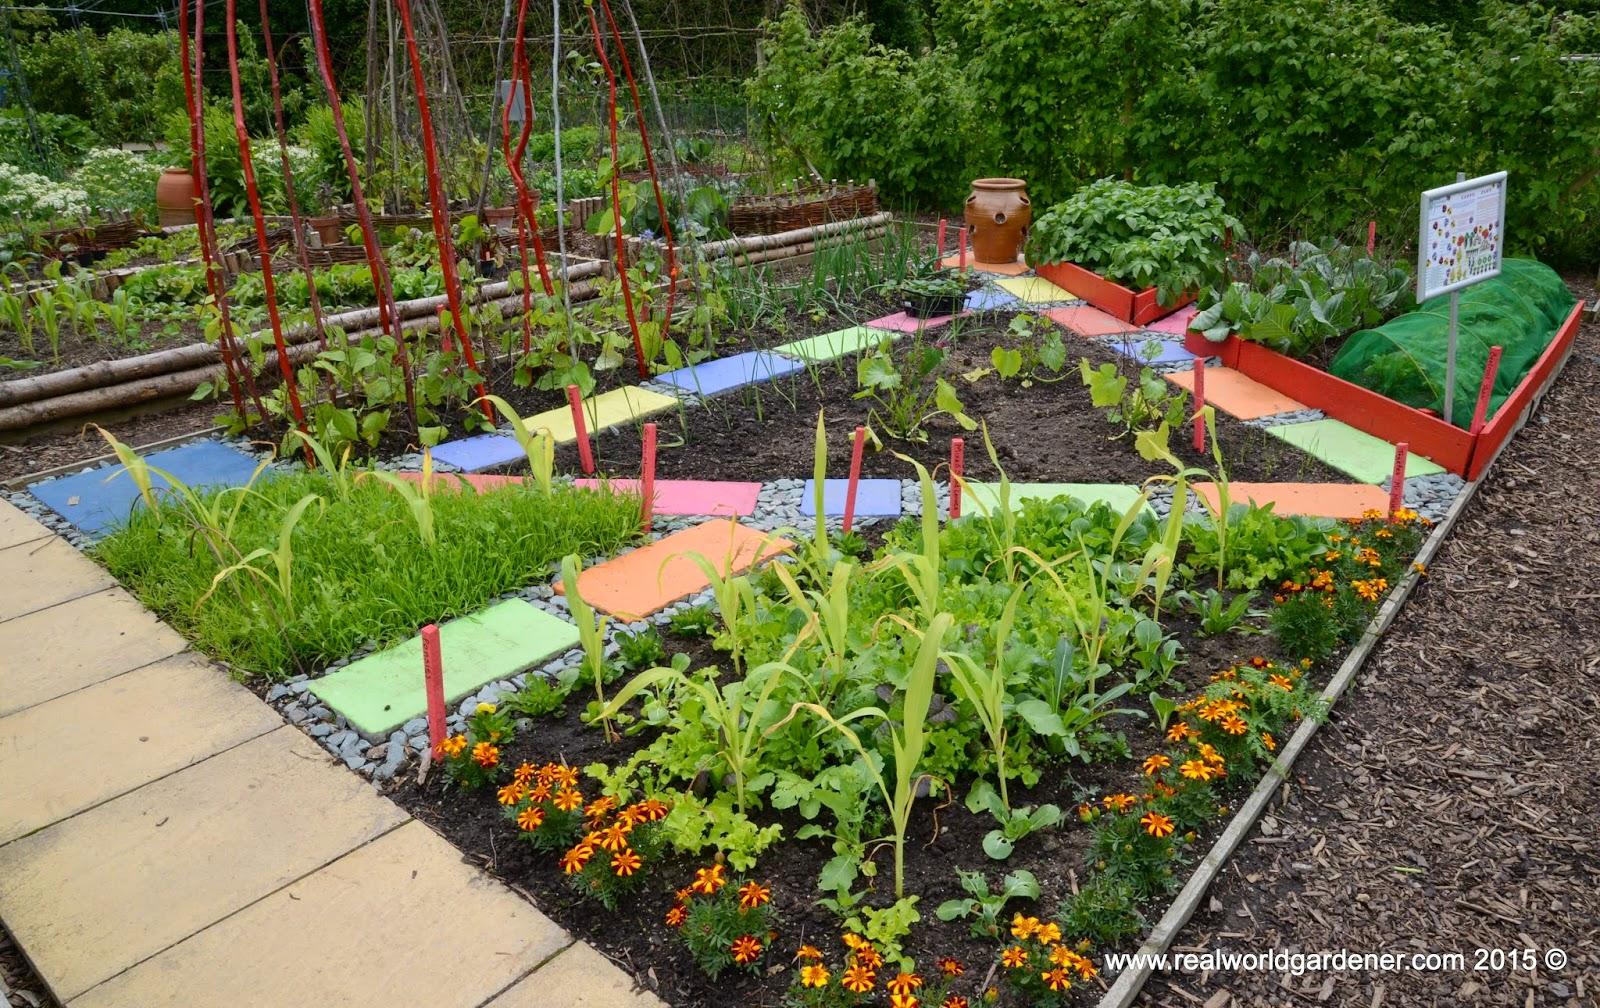 Real world gardener starting a garden from scratch part 2 for Designing a garden from scratch